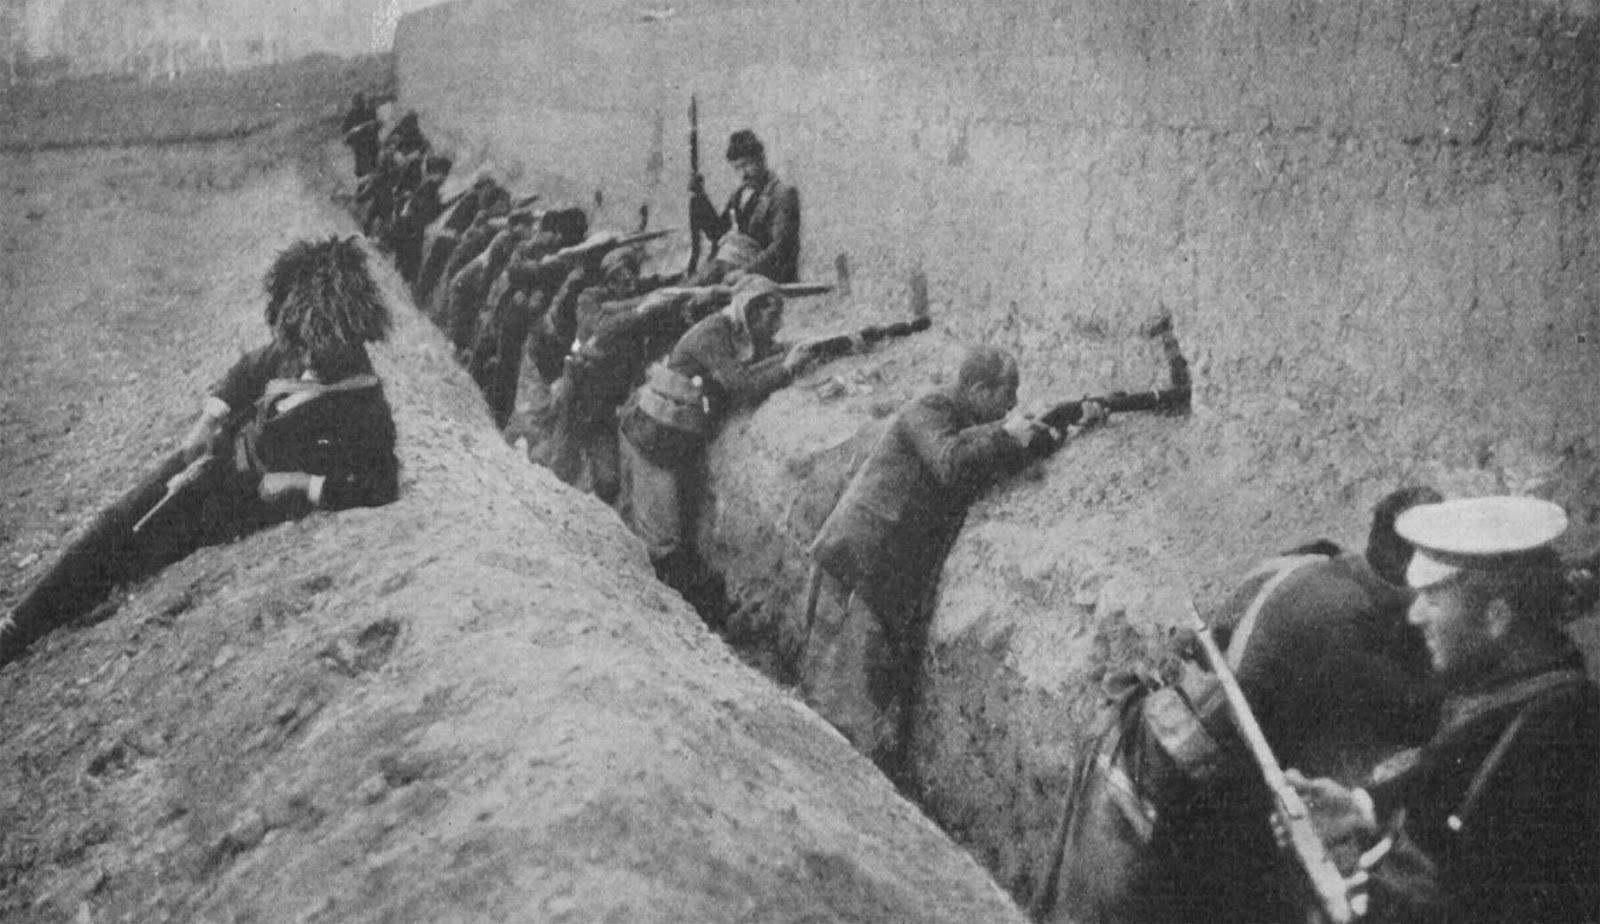 Պատերազմ. Ցեղասպանություն և տարհանում. 1922թ. Յակոբ Քյունցլերի կողմից հայ որբերի տարհանումն Օսմանյան կայսրությունից